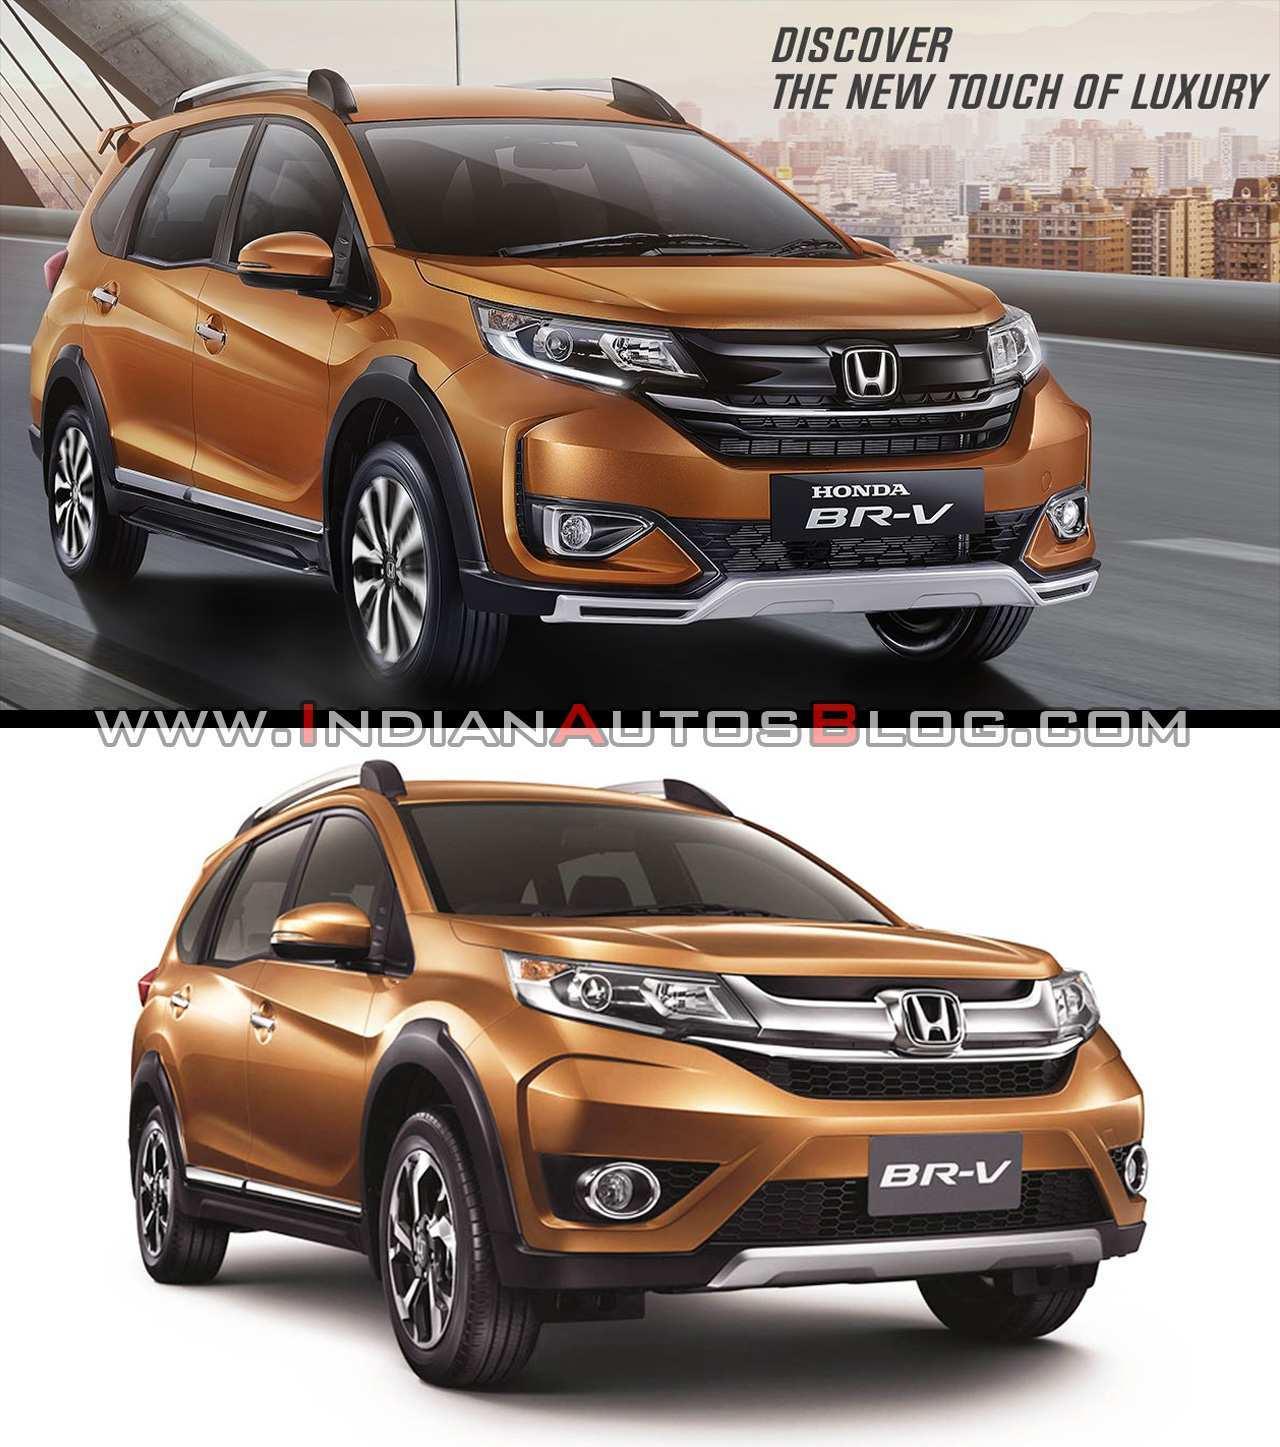 88 Gallery of Honda Brv Facelift 2020 Ratings for Honda Brv Facelift 2020